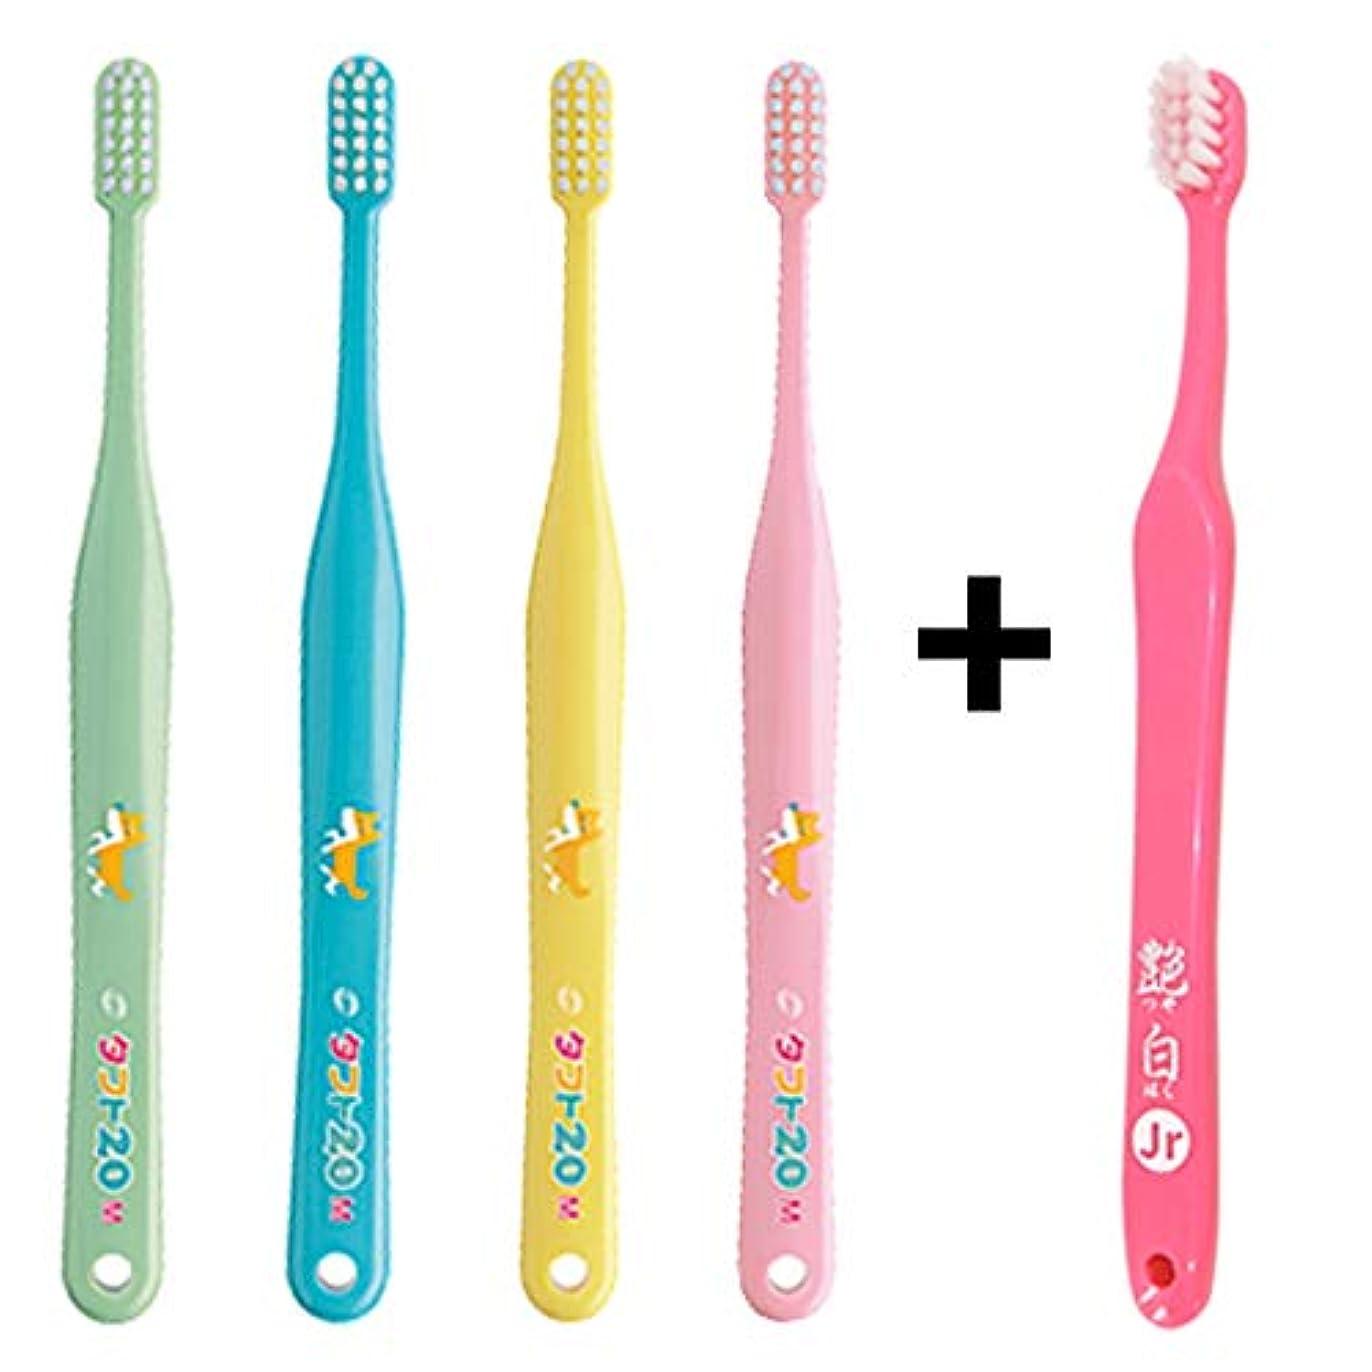 均等に知恵お手入れタフト20 M(ふつう) こども 歯ブラシ×10本 + 艶白(つやはく) Jr ジュニア ハブラシ×1本 MS(やややわらかめ) 日本製 歯科専売品